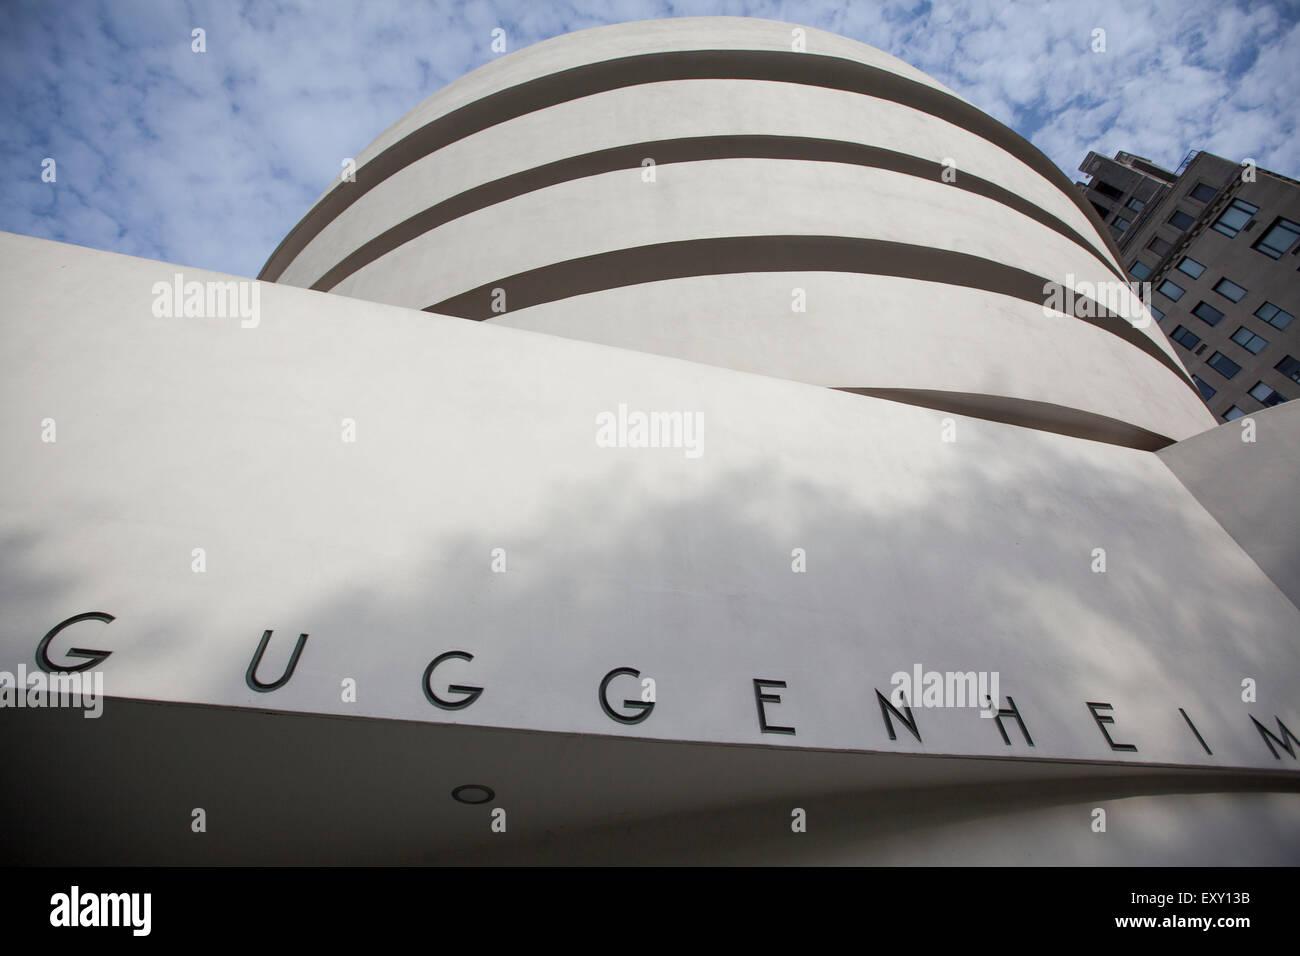 NEW YORK - Mai 27, 2015: Le Musée Solomon R. Guggenheim, souvent désigné comme le Musée Guggenheim, est un musée d'art situé au 1071 Banque D'Images